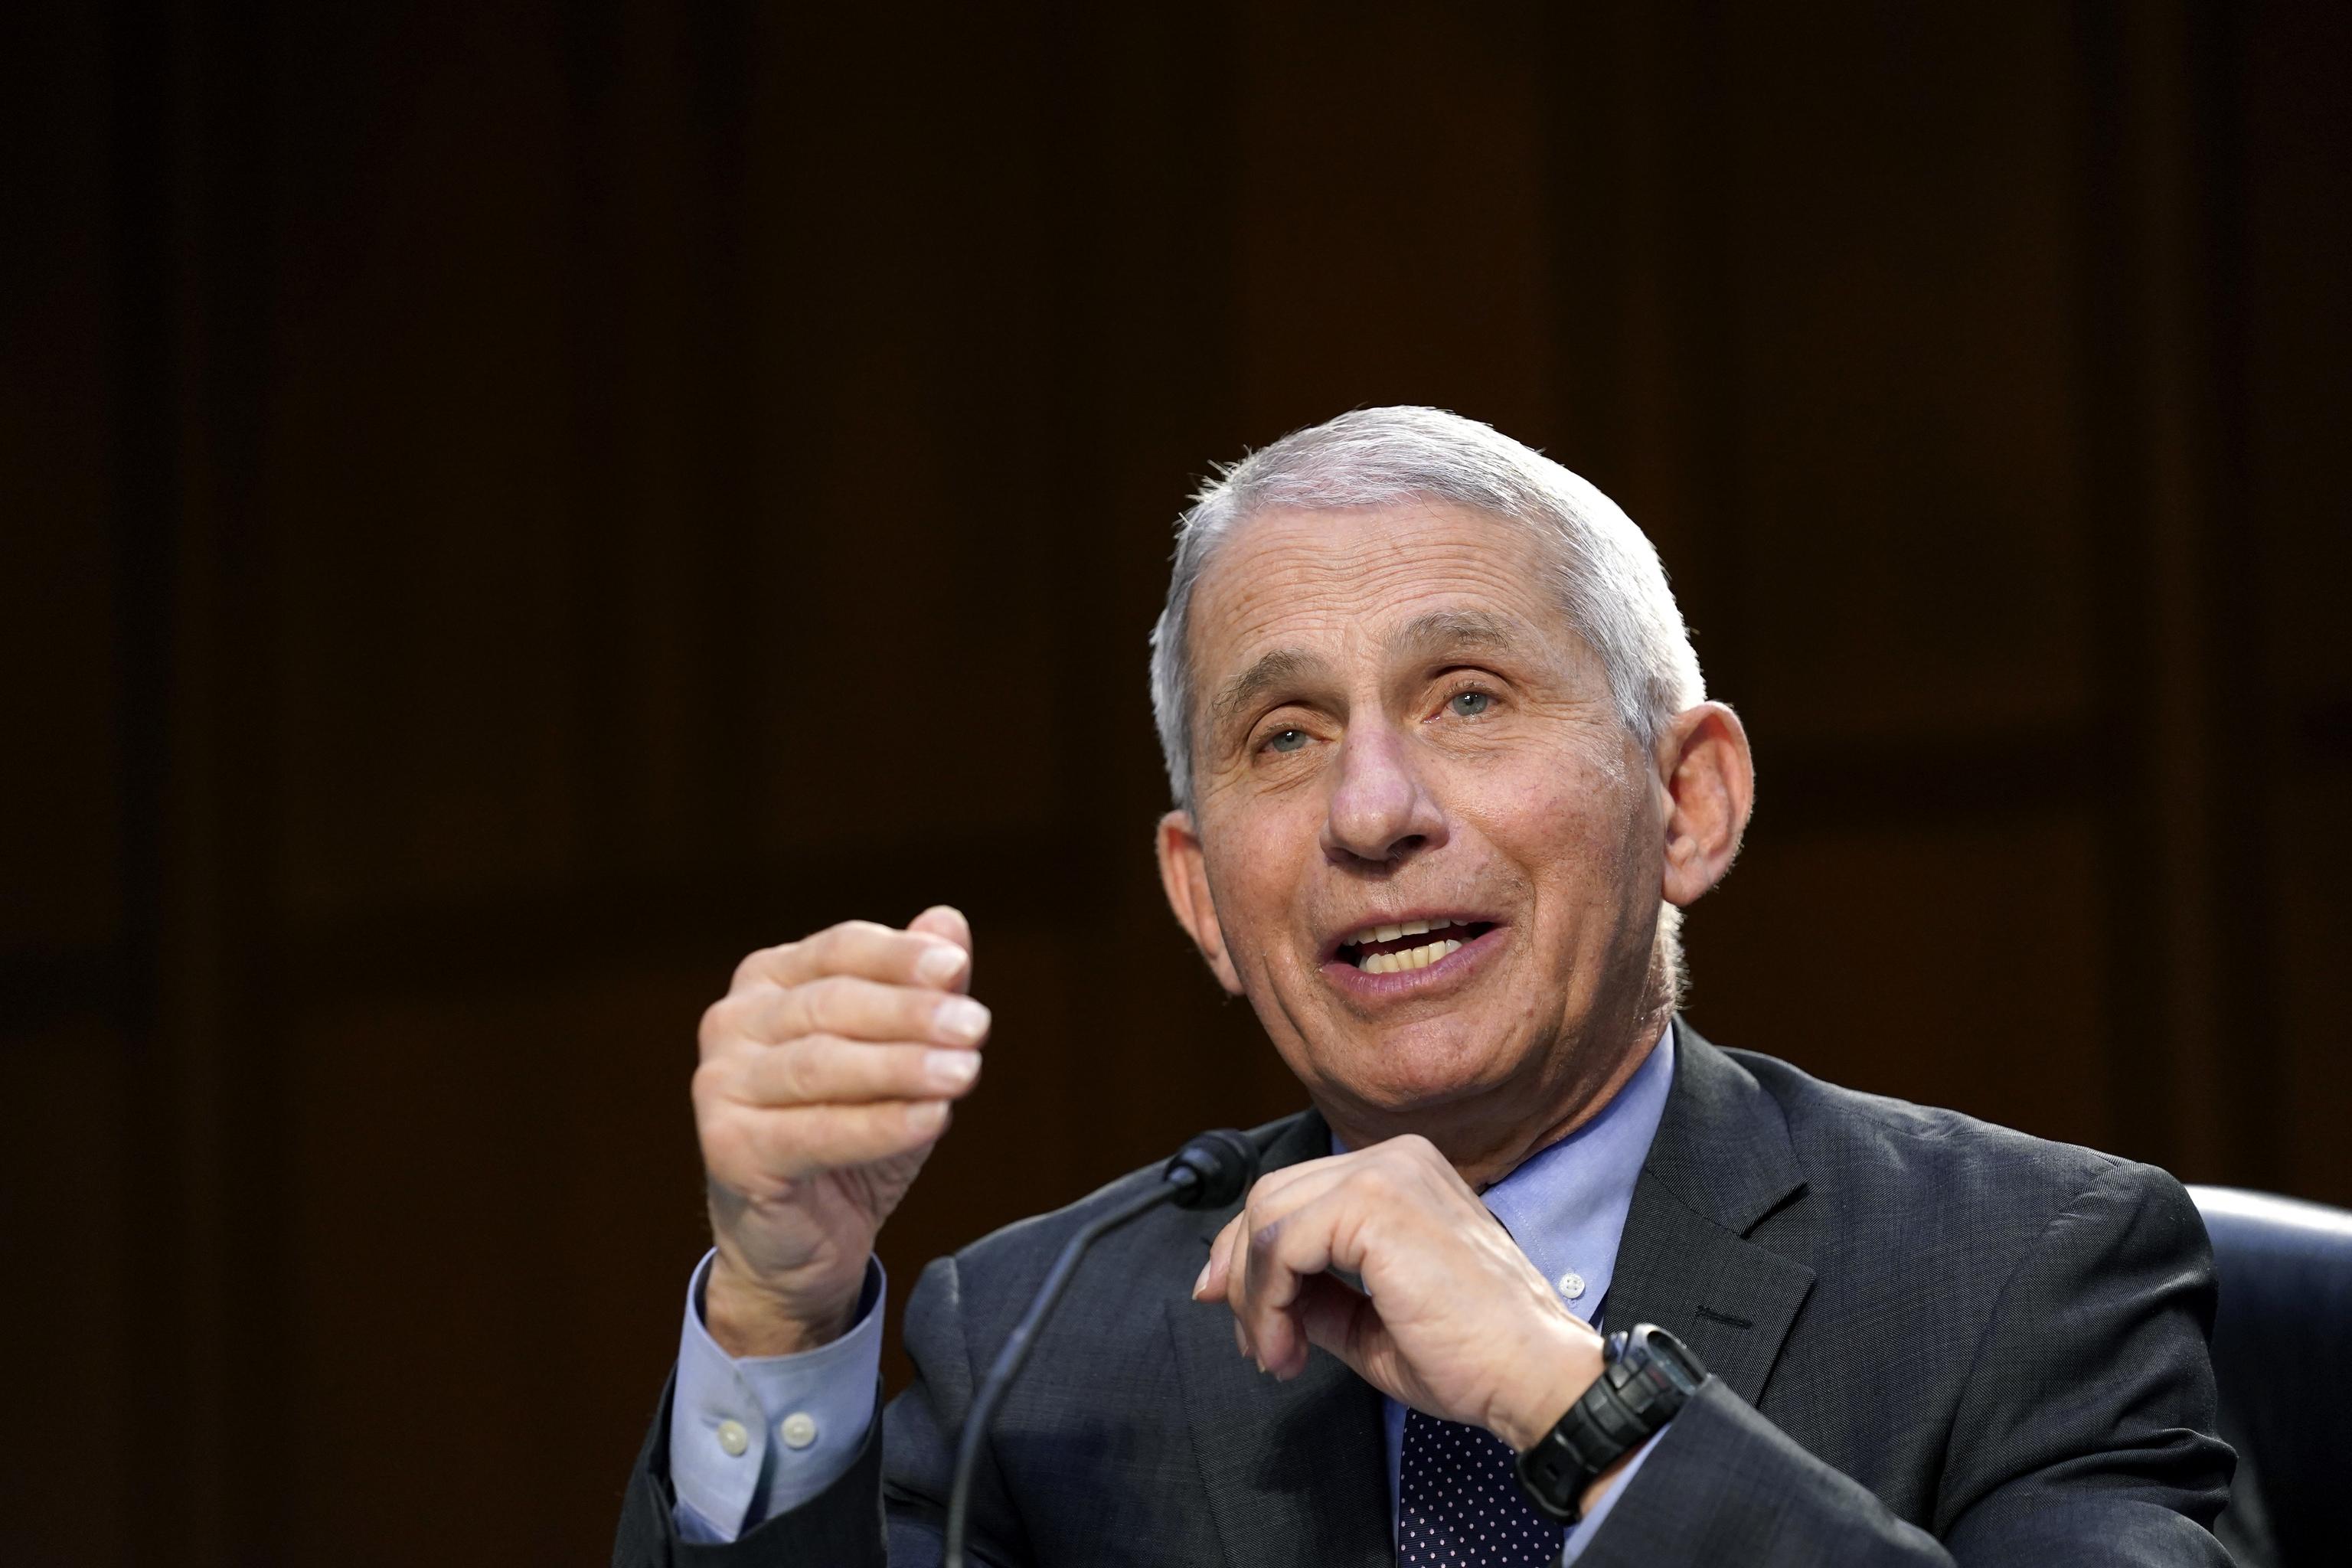 El director del Instituto Nacional de Alergias y Enfermedades Infecciosas, Anthony Fauci.